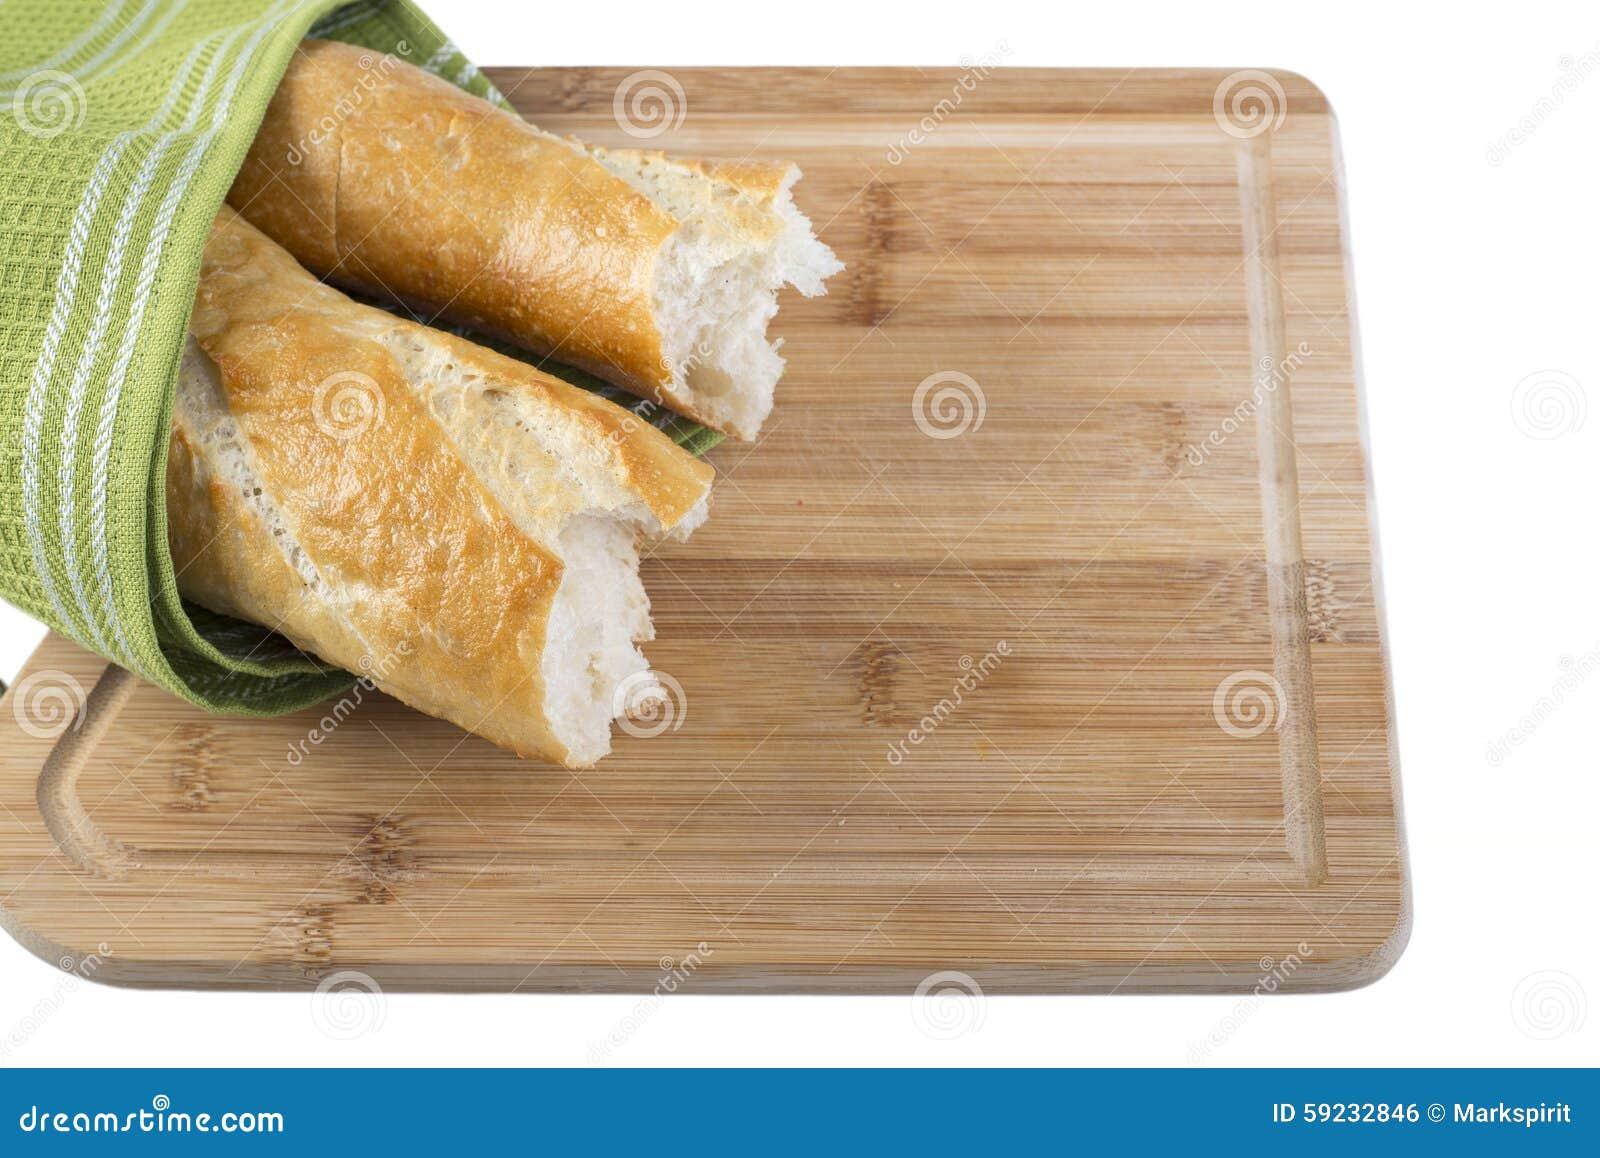 Baguette largo roto en pedazos en el fondo blanco